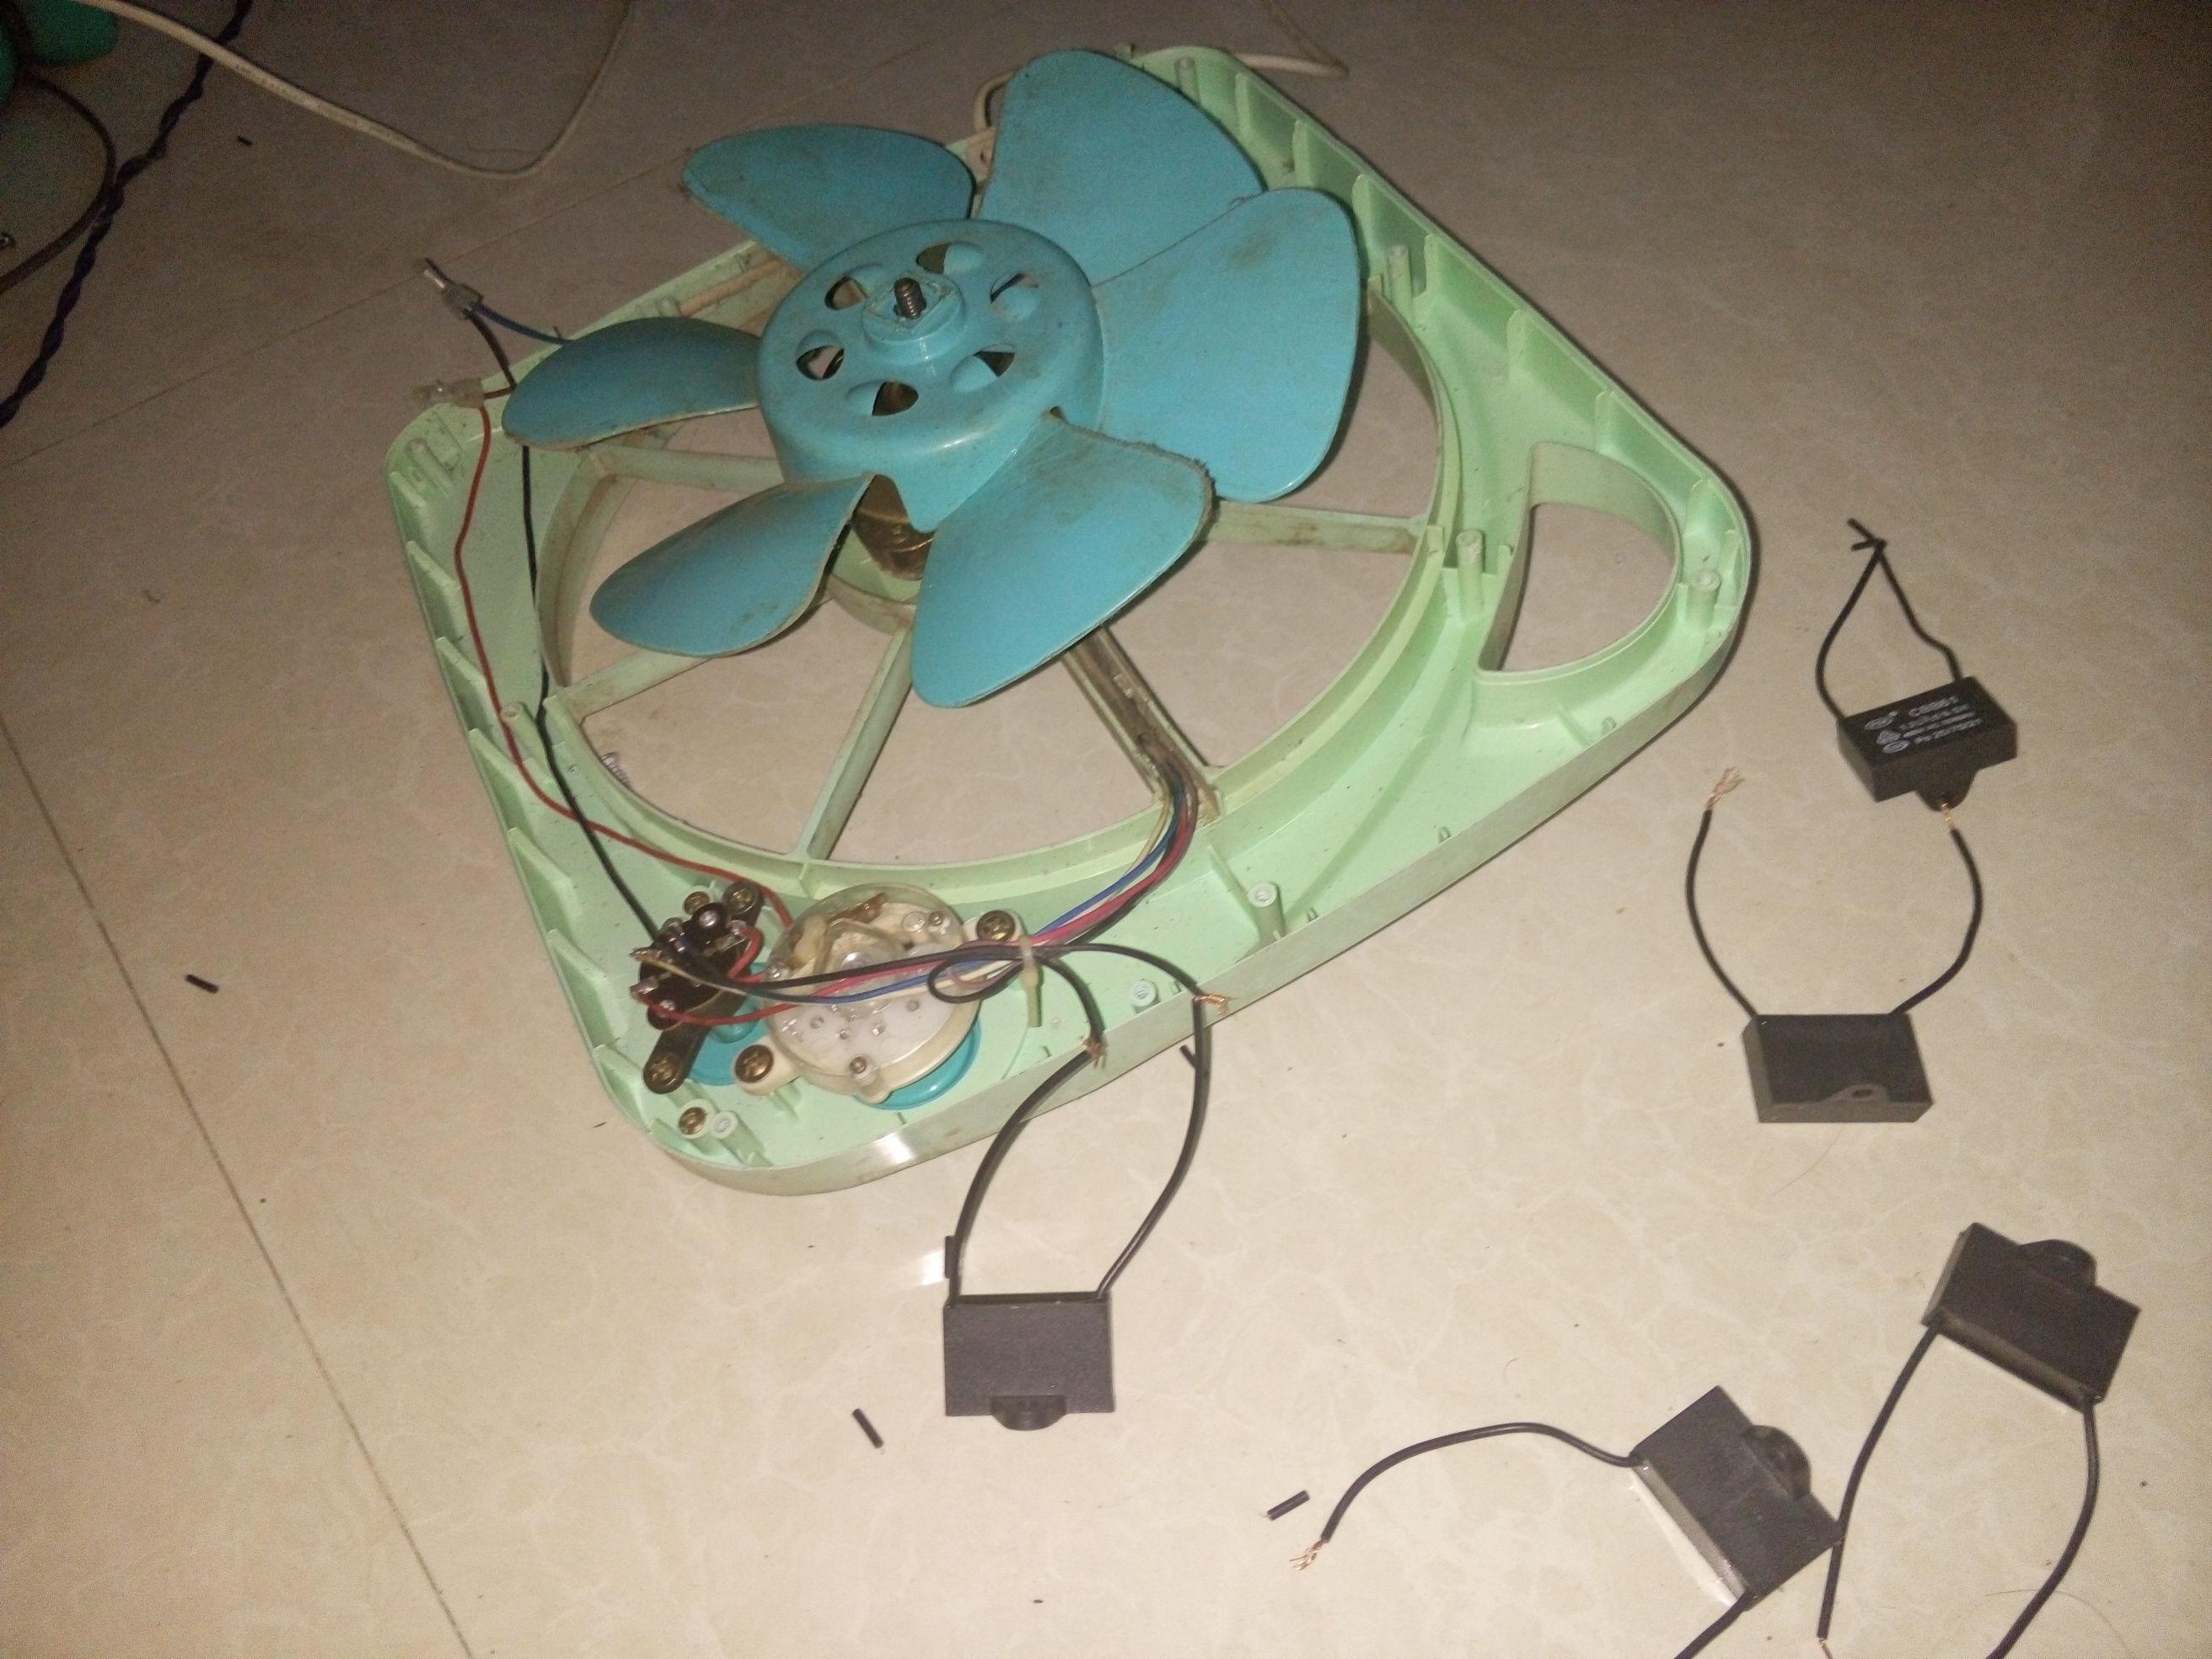 這個電風扇電容我也換了,還是一點反應也沒有,電機也不會有卡住的感覺